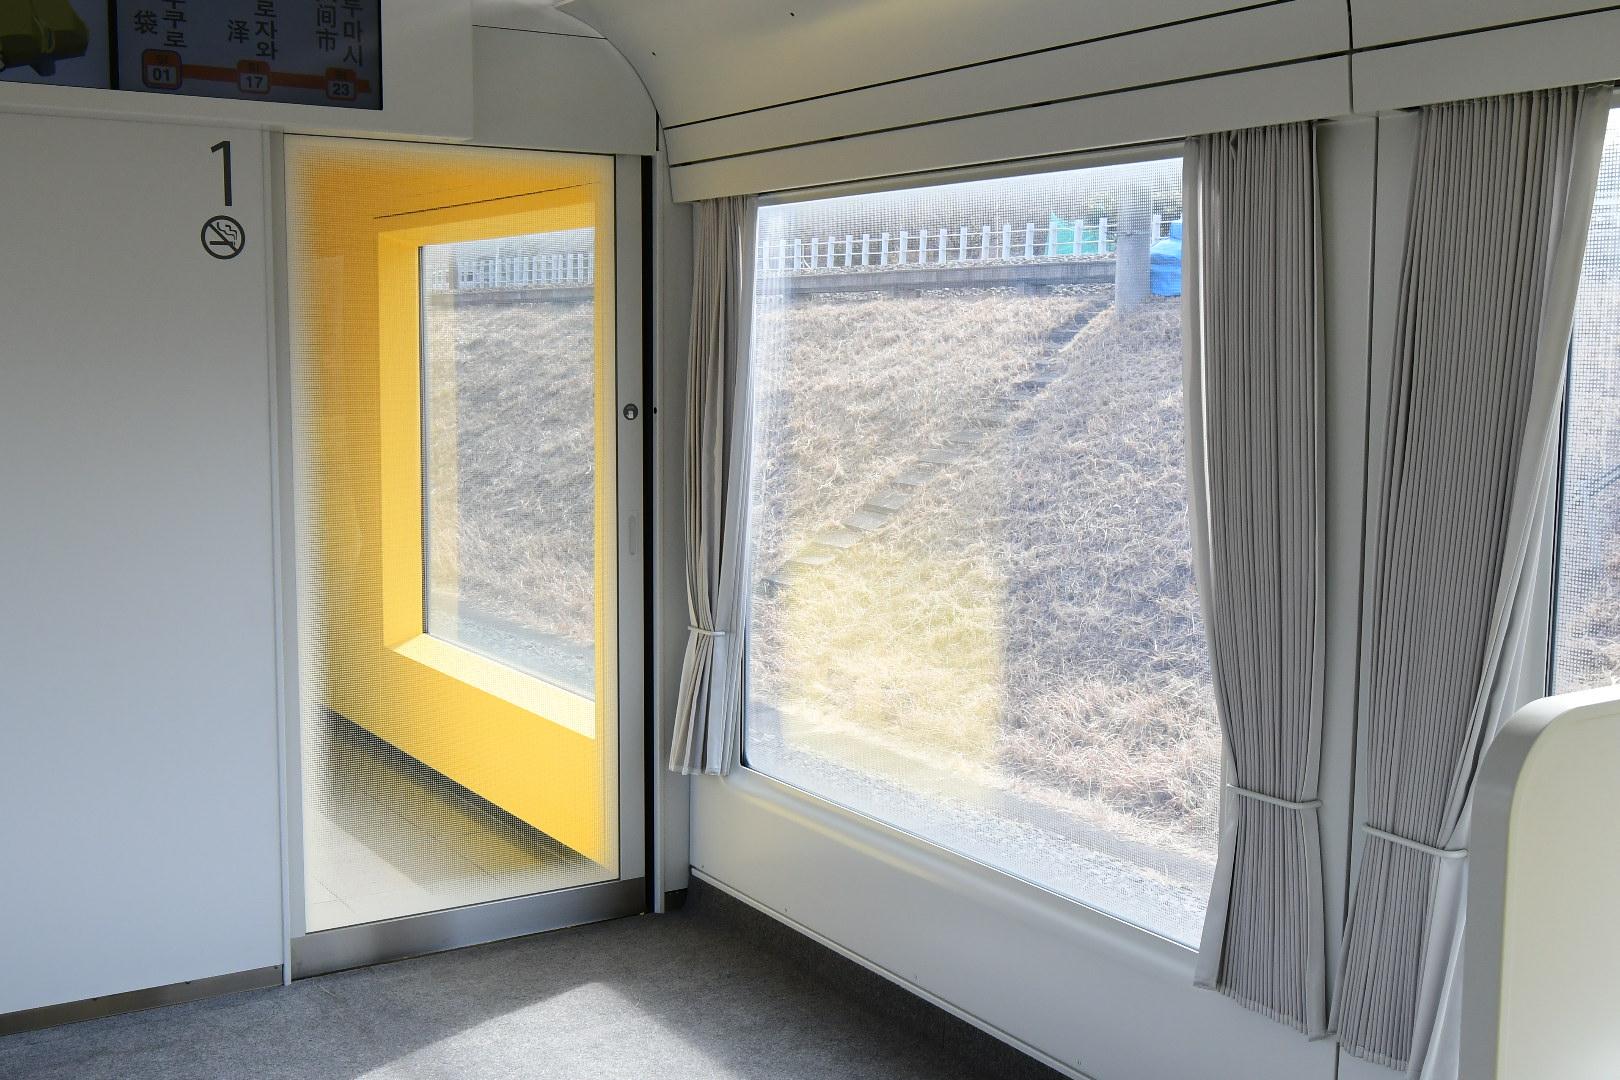 白い壁と広い窓に大型カーテンを設置する、家のようなデザインのLaview。たしかに自動販売機の設置はミスマッチかもしれません